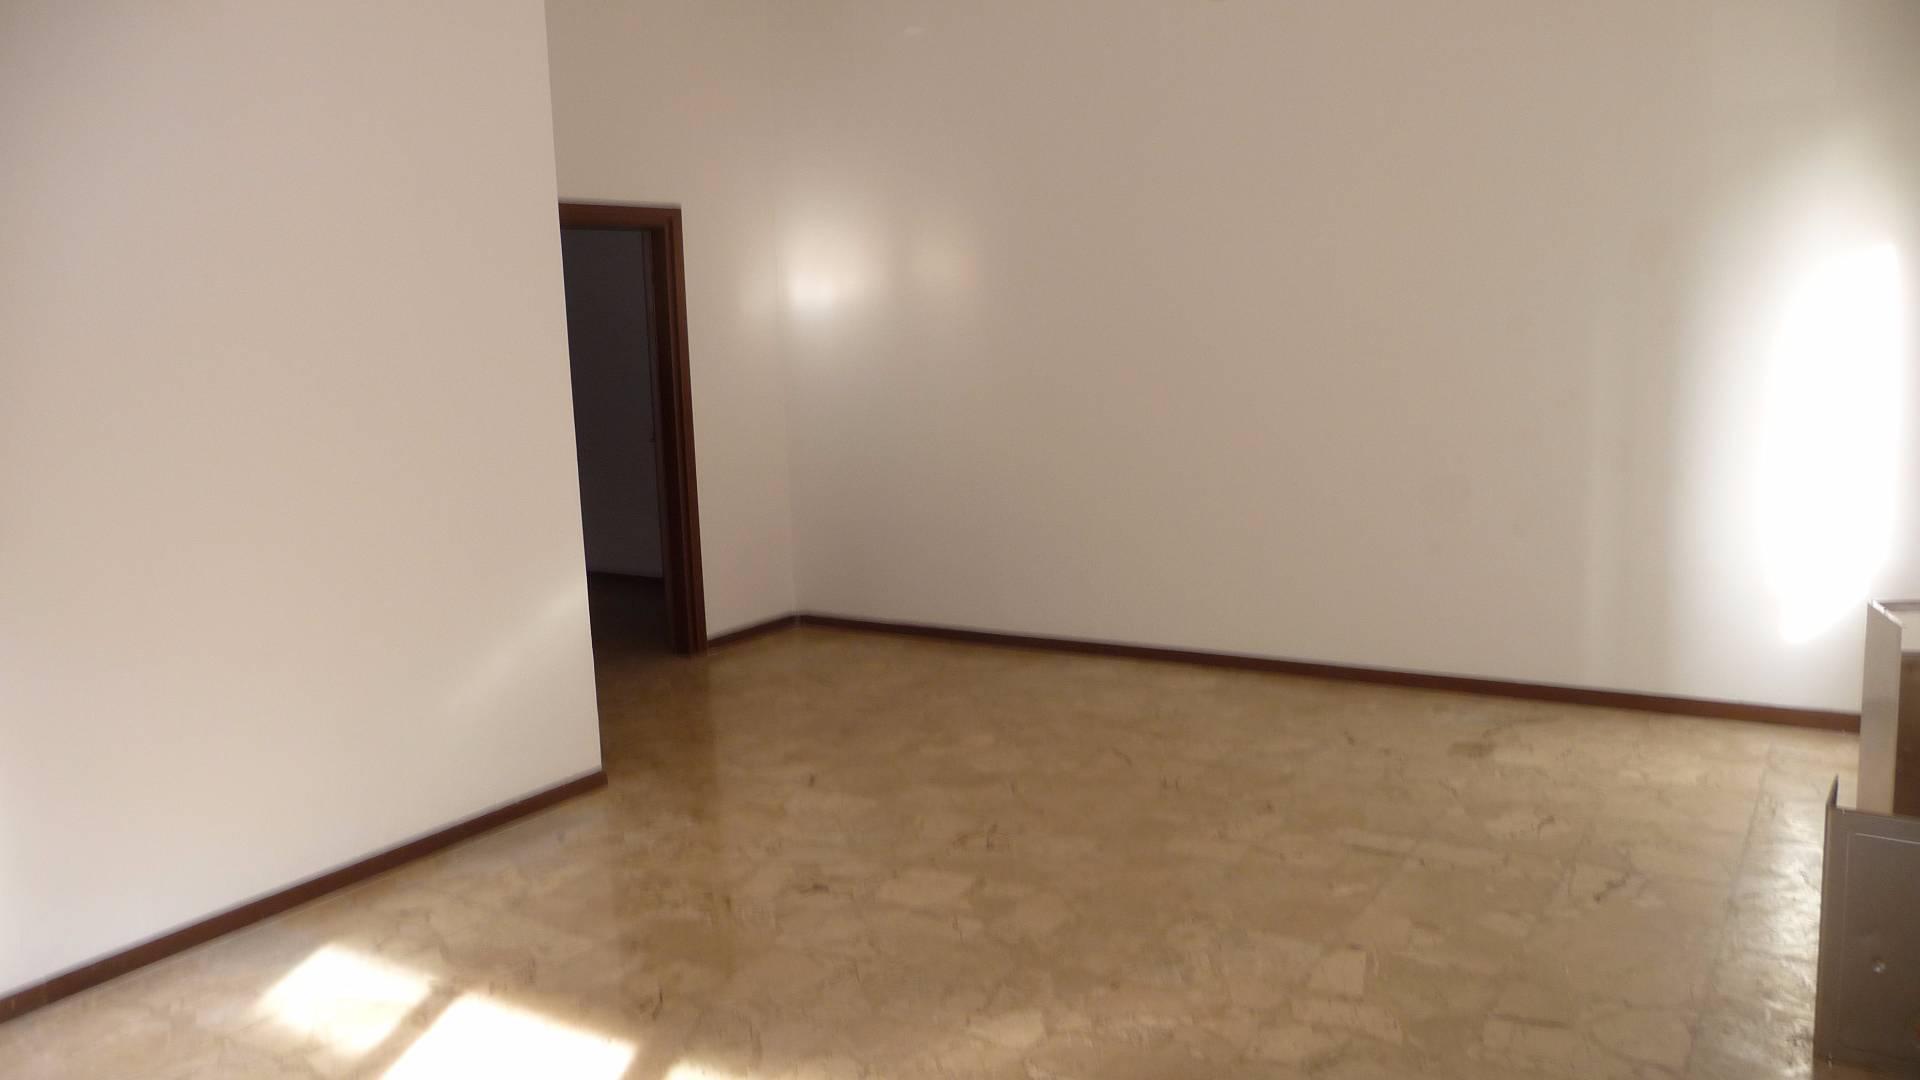 Appartamento in affitto a San Benedetto del Tronto, 3 locali, zona Località: PortodAscoli, prezzo € 450 | CambioCasa.it